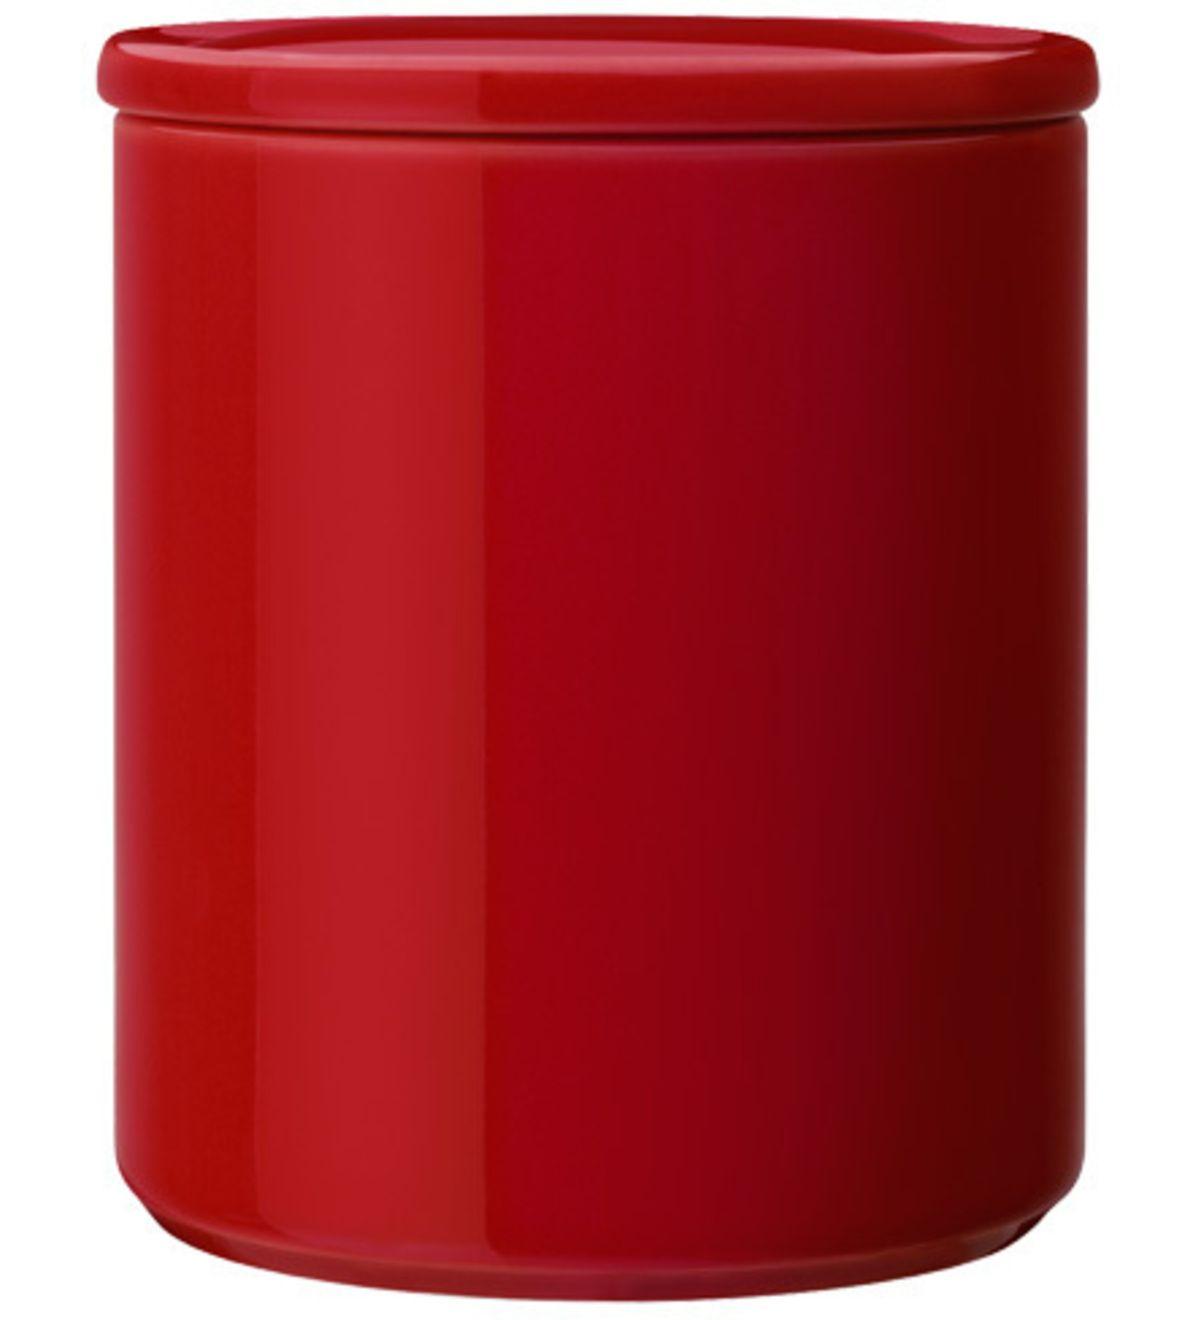 Iittala Purnukka 120 mm punainen purkki | Karkkainen.com verkkokauppa 20,90 e